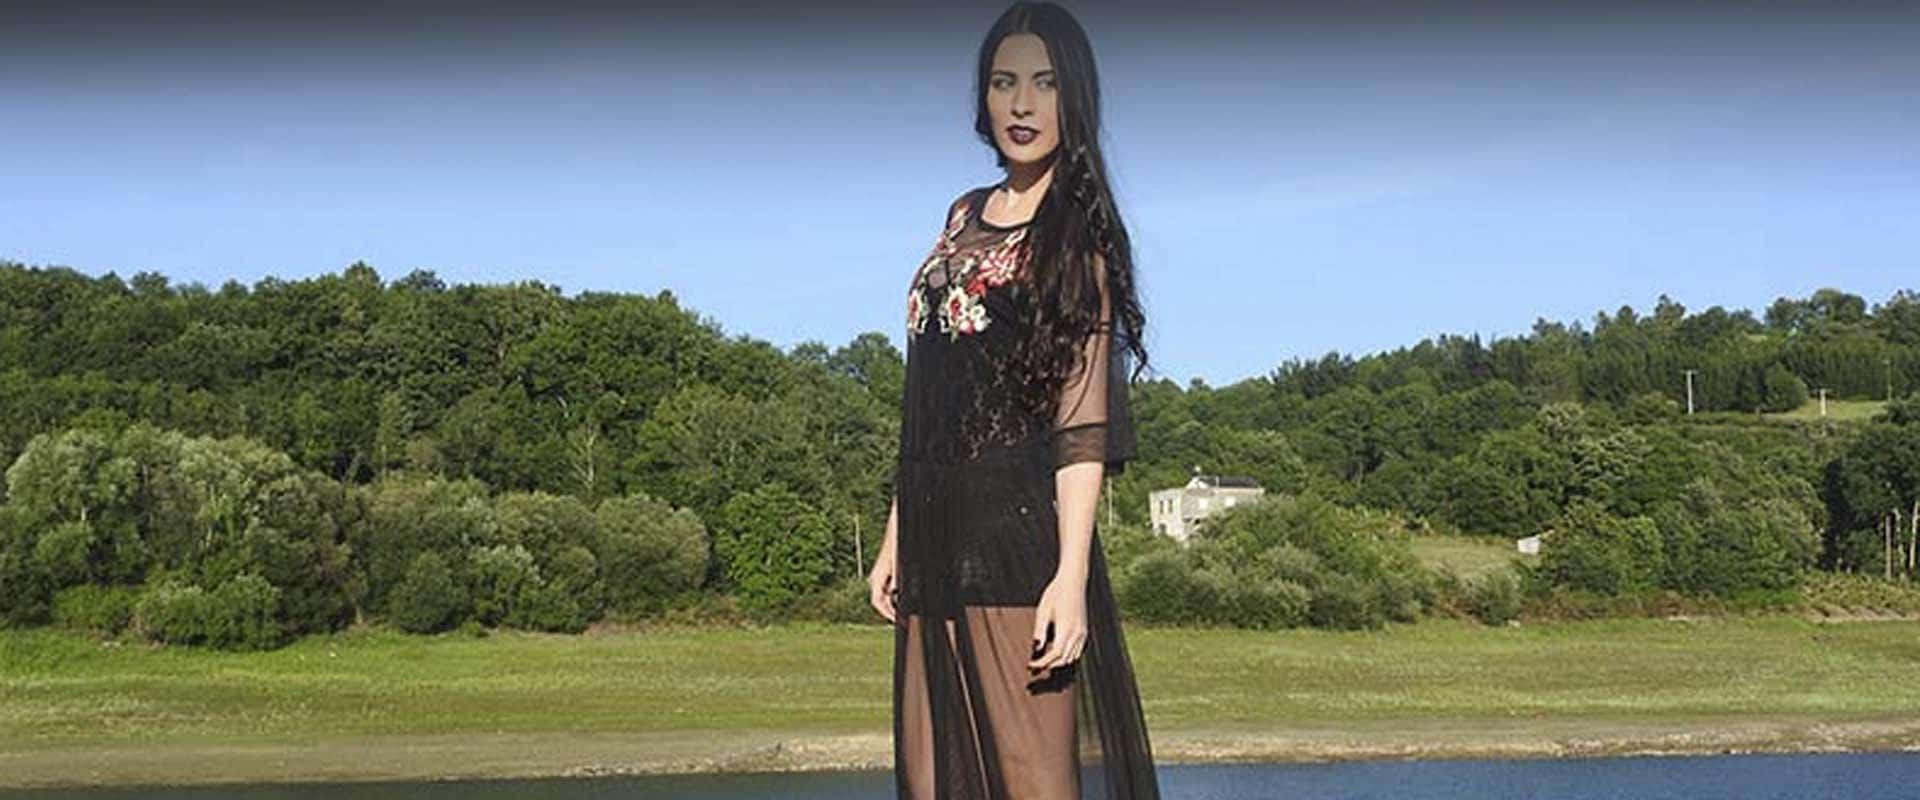 portada vestido transparente